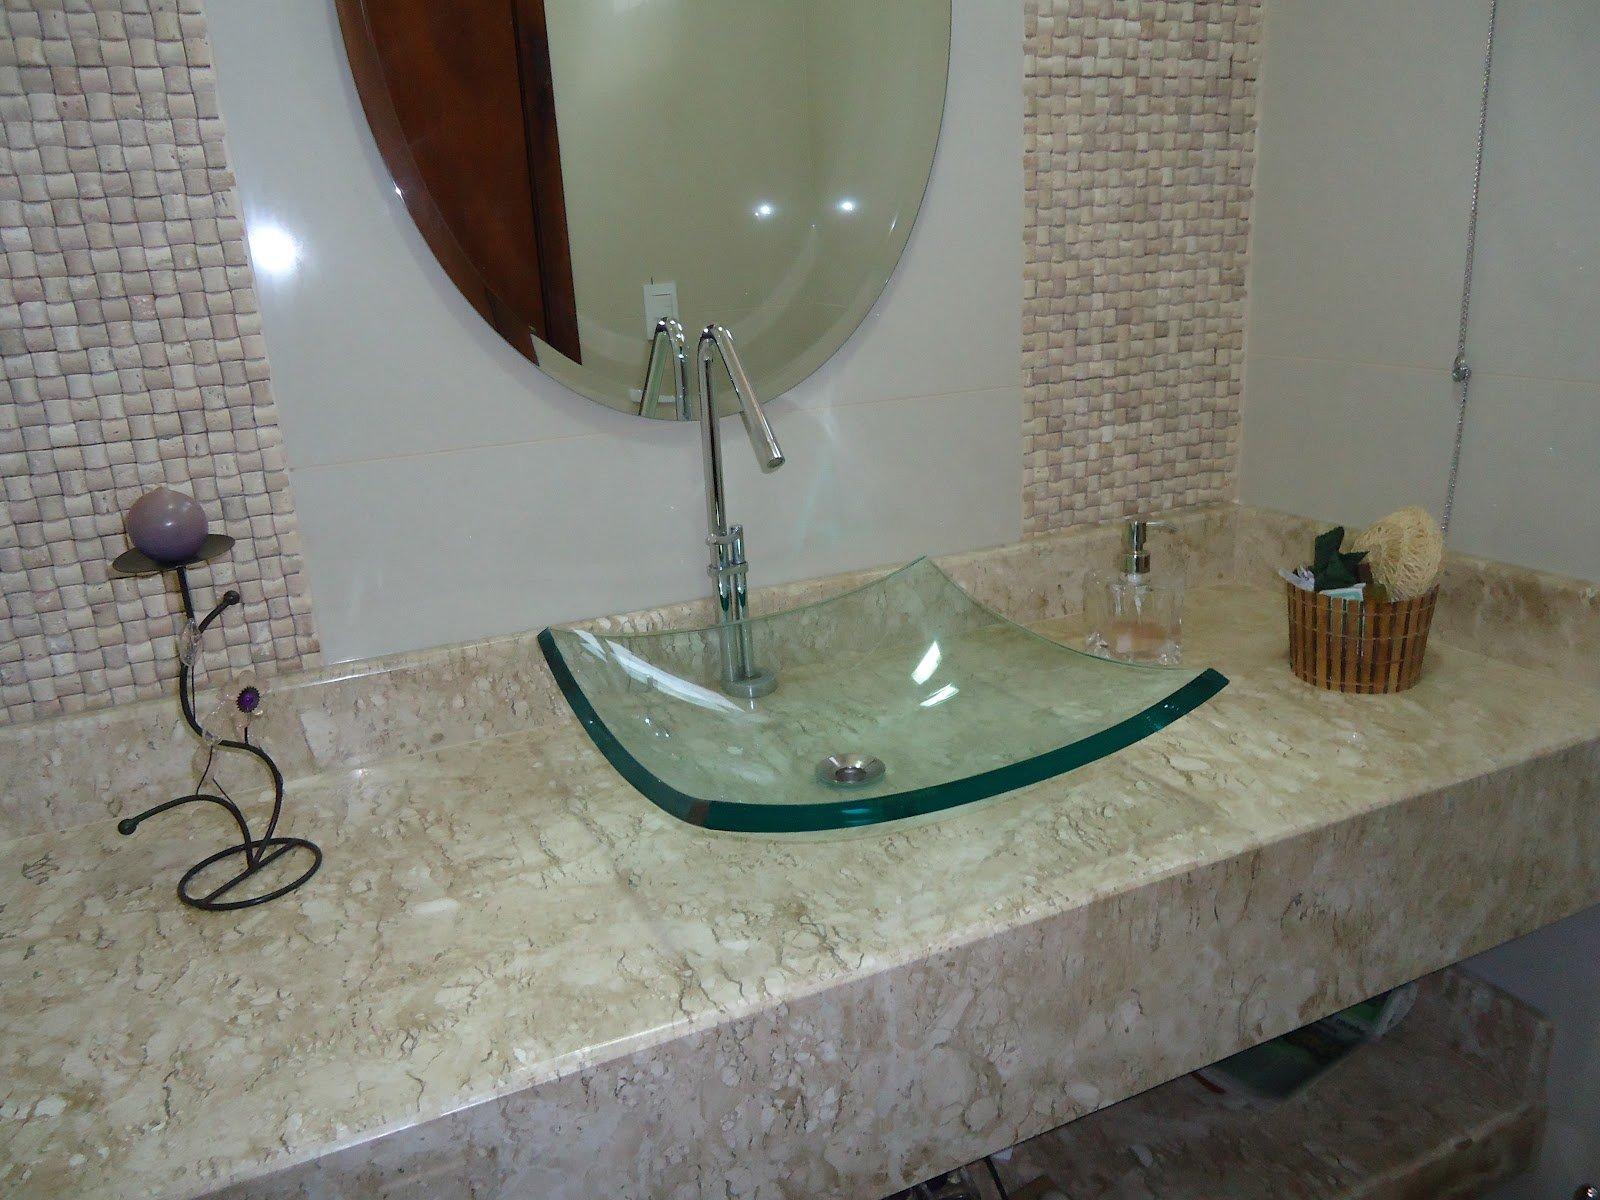 banheiro com marmore rustico #5A4E3C 1600x1200 Banheiro Com Marmore Azul